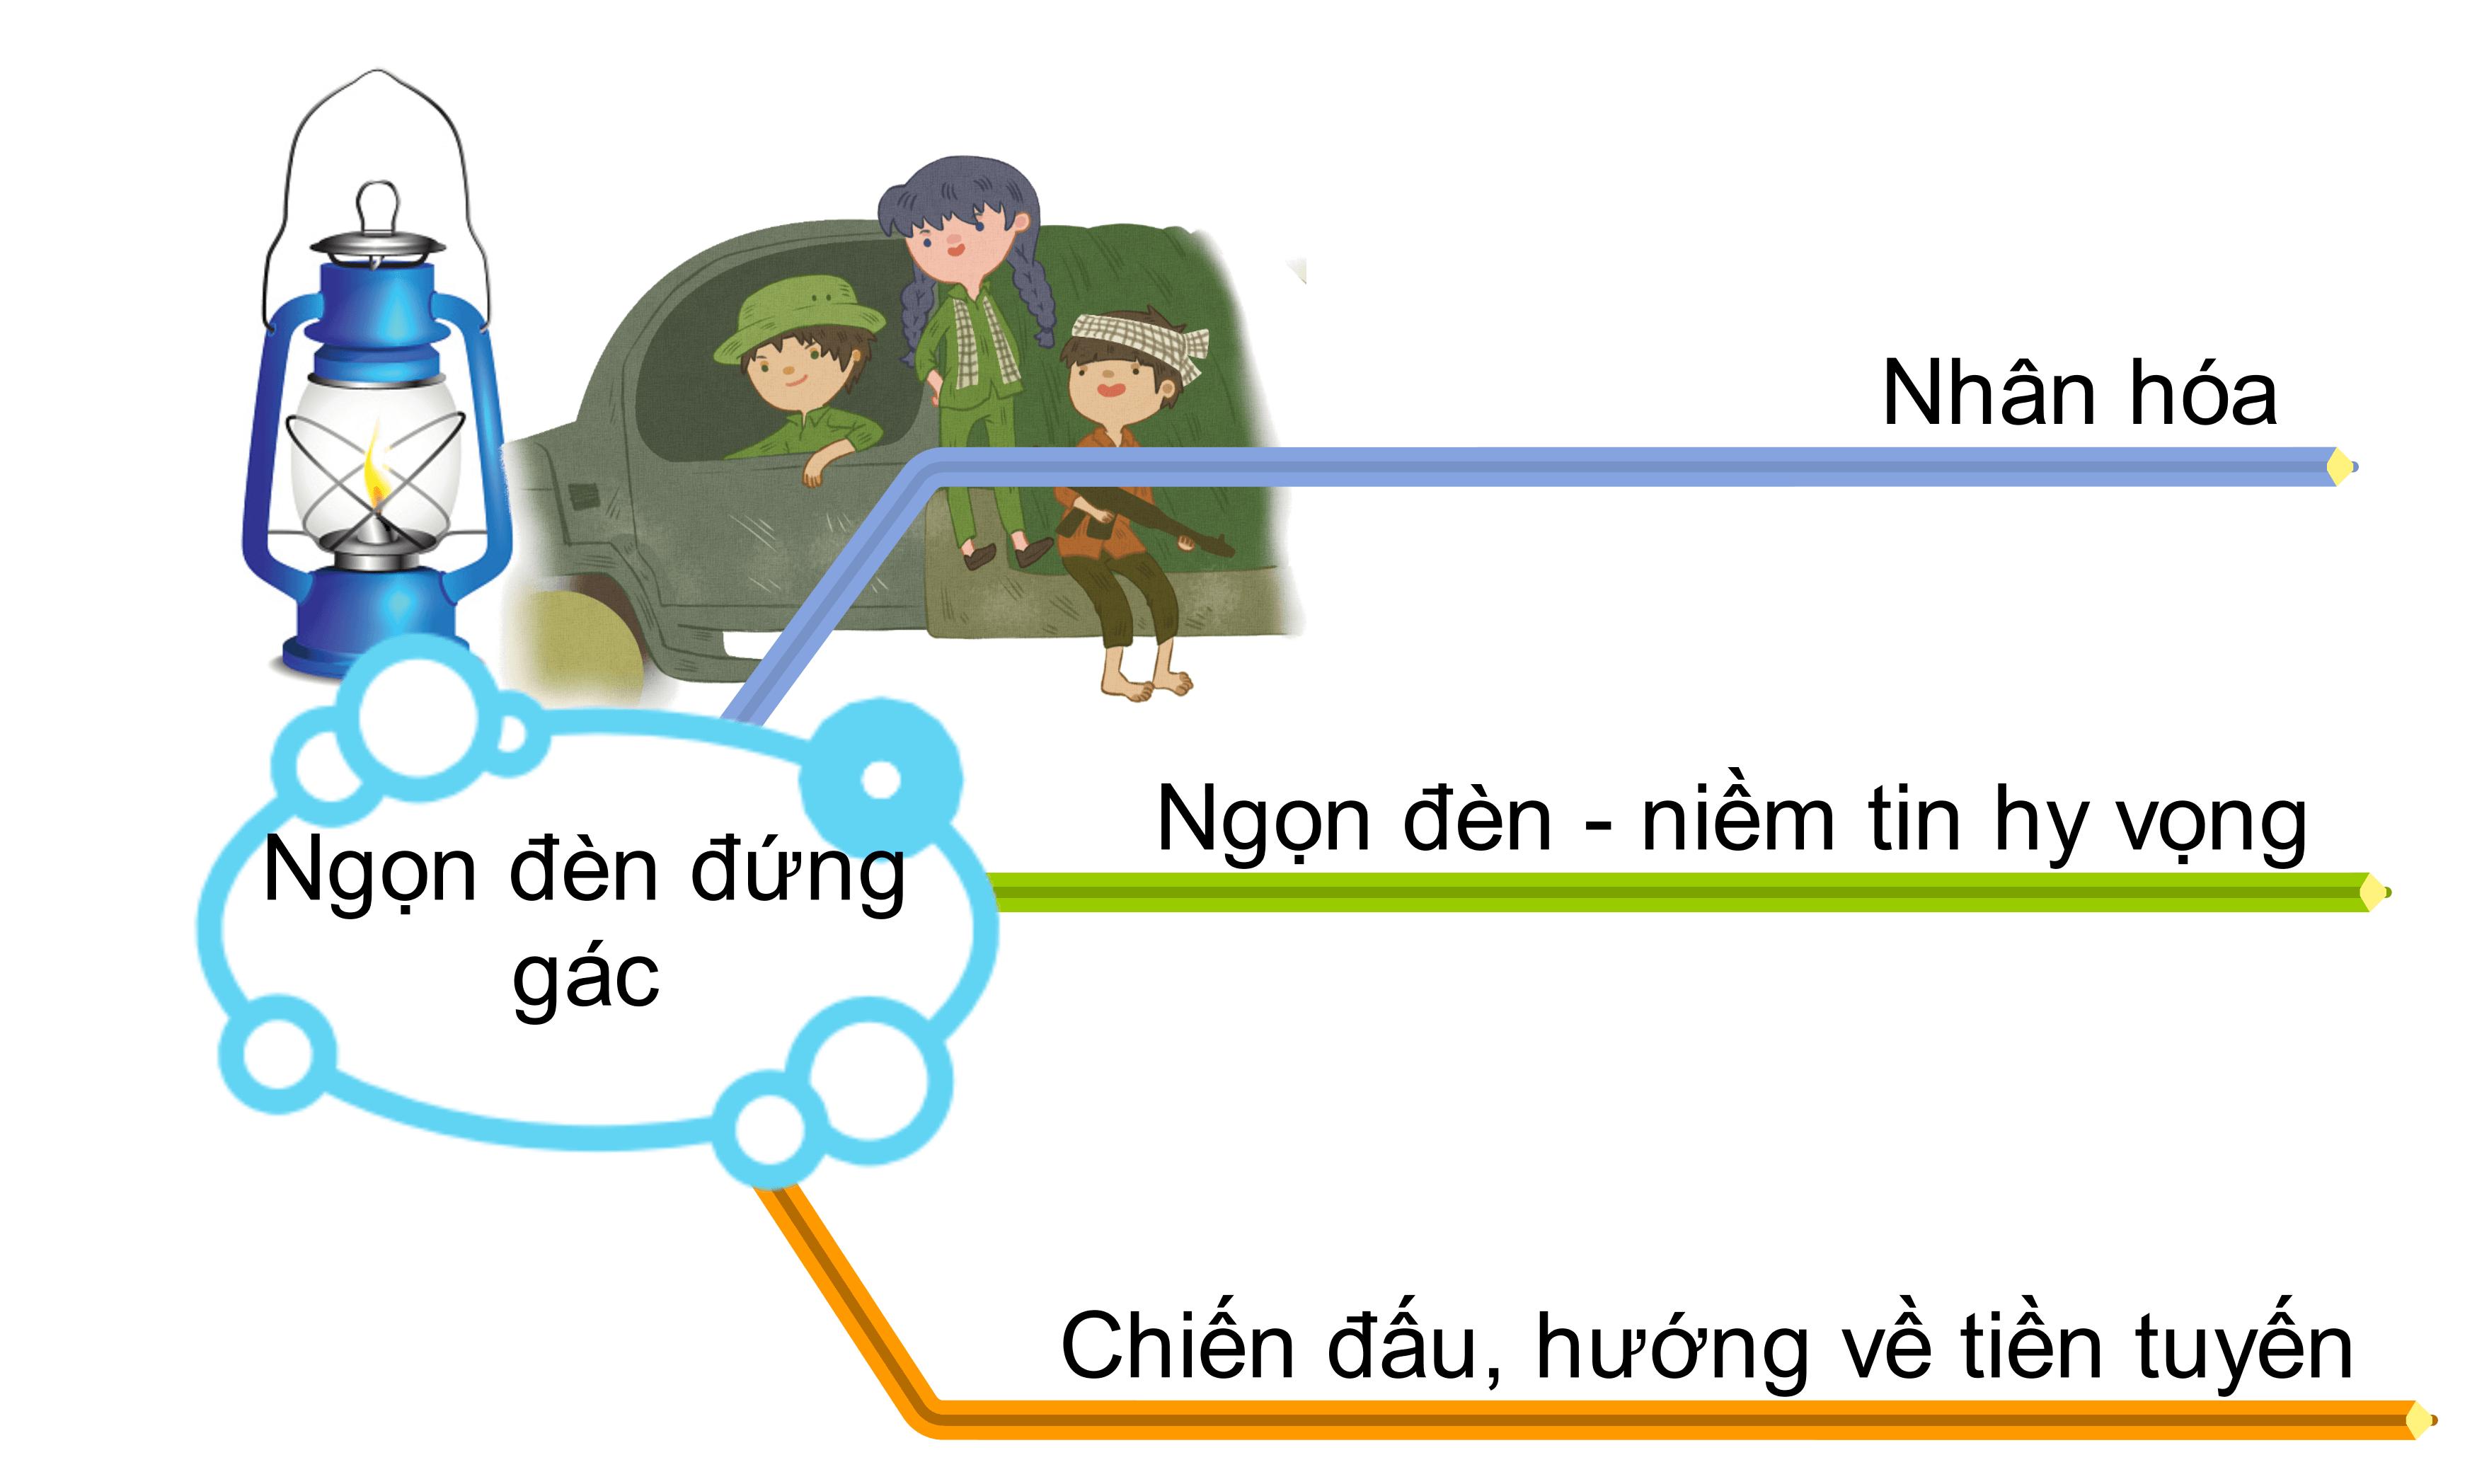 ngon-den-dung-gac